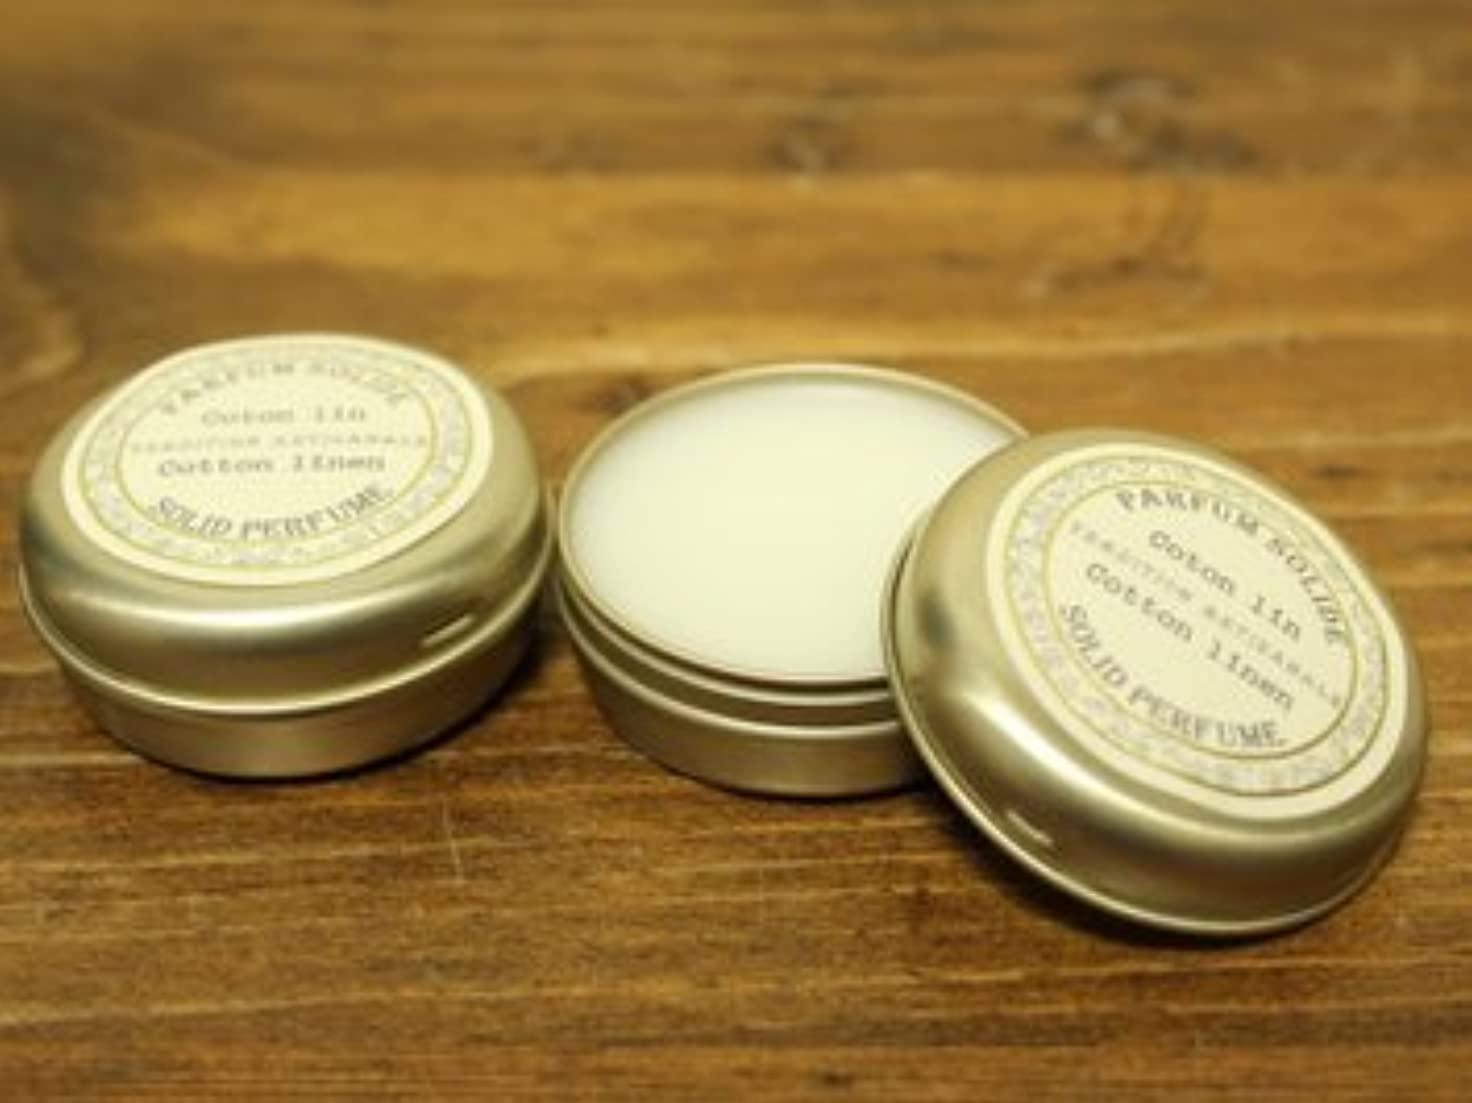 援助する不毛ラウンジSenteur et Beaute(サンタールエボーテ) フレンチクラシックシリーズ 練り香水 10g 「コットンリネン」 4994228023056